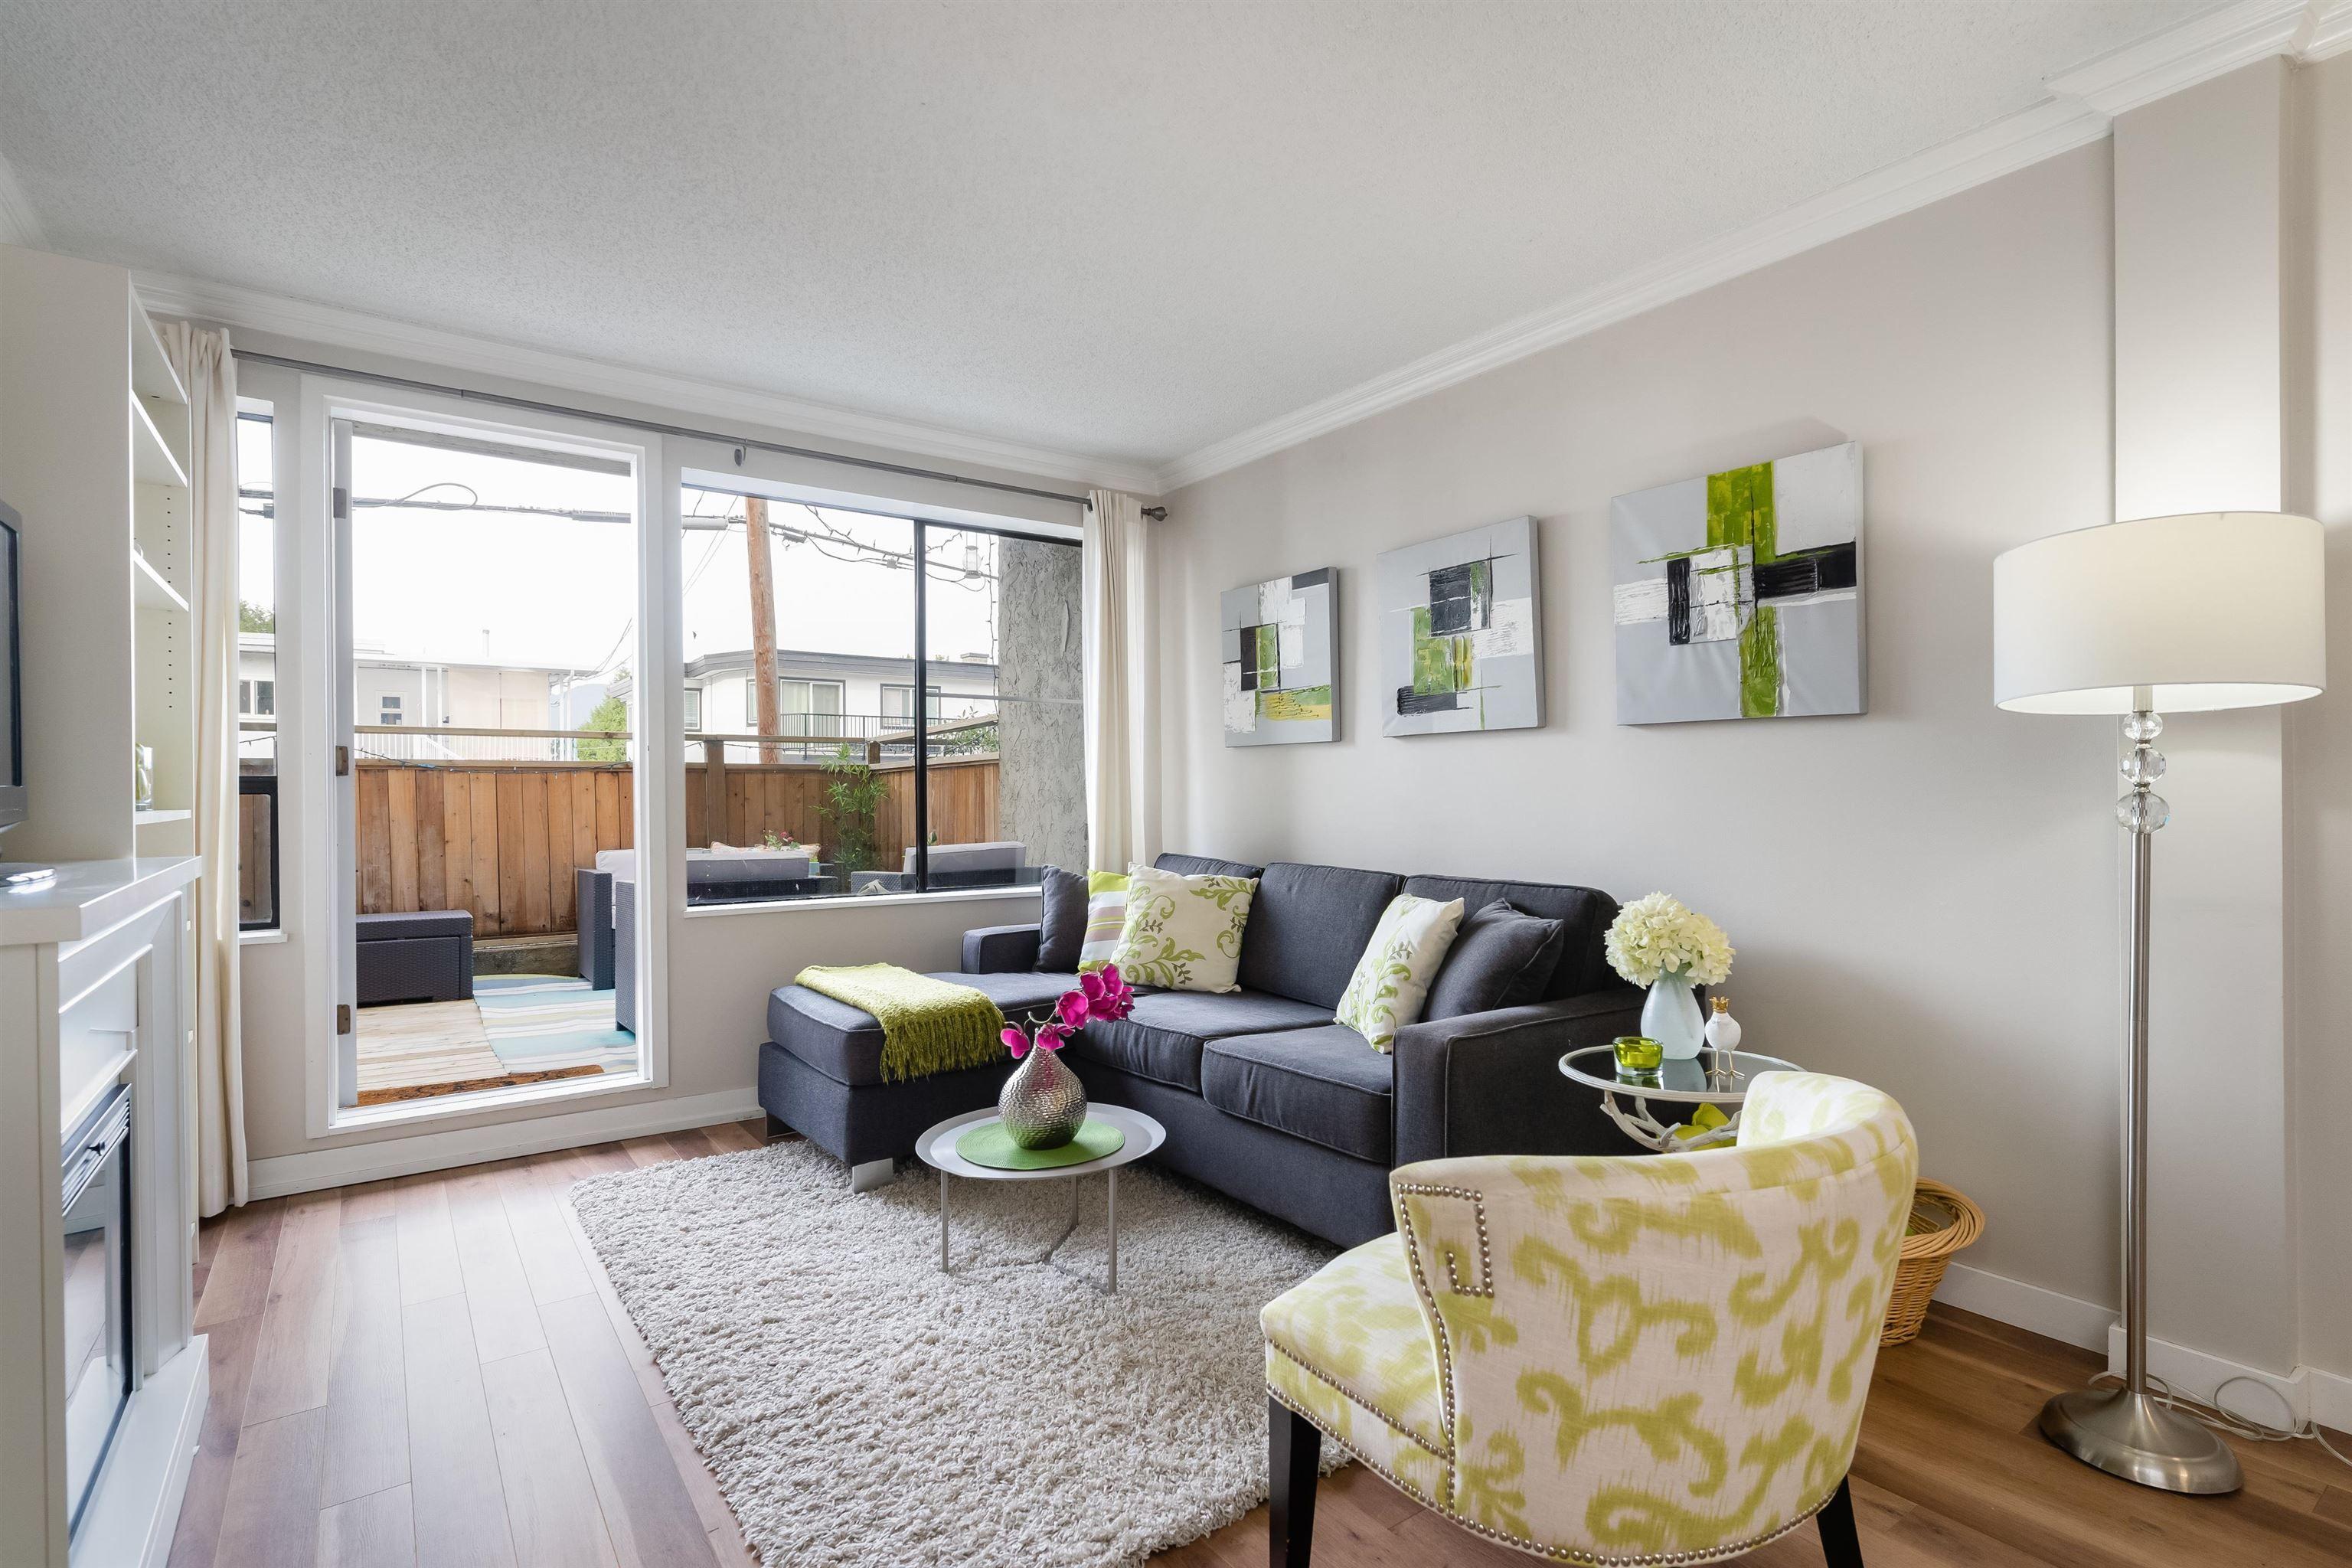 """Main Photo: 112 853 E 7TH Avenue in Vancouver: Mount Pleasant VE Condo for sale in """"VISTA VILLA"""" (Vancouver East)  : MLS®# R2619238"""